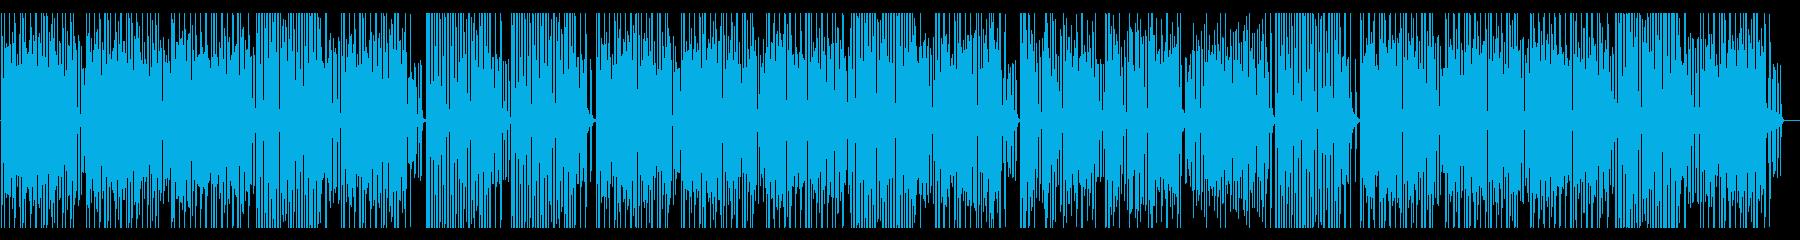 陽気で軽快なピアノソロ/楽しいラグタイムの再生済みの波形